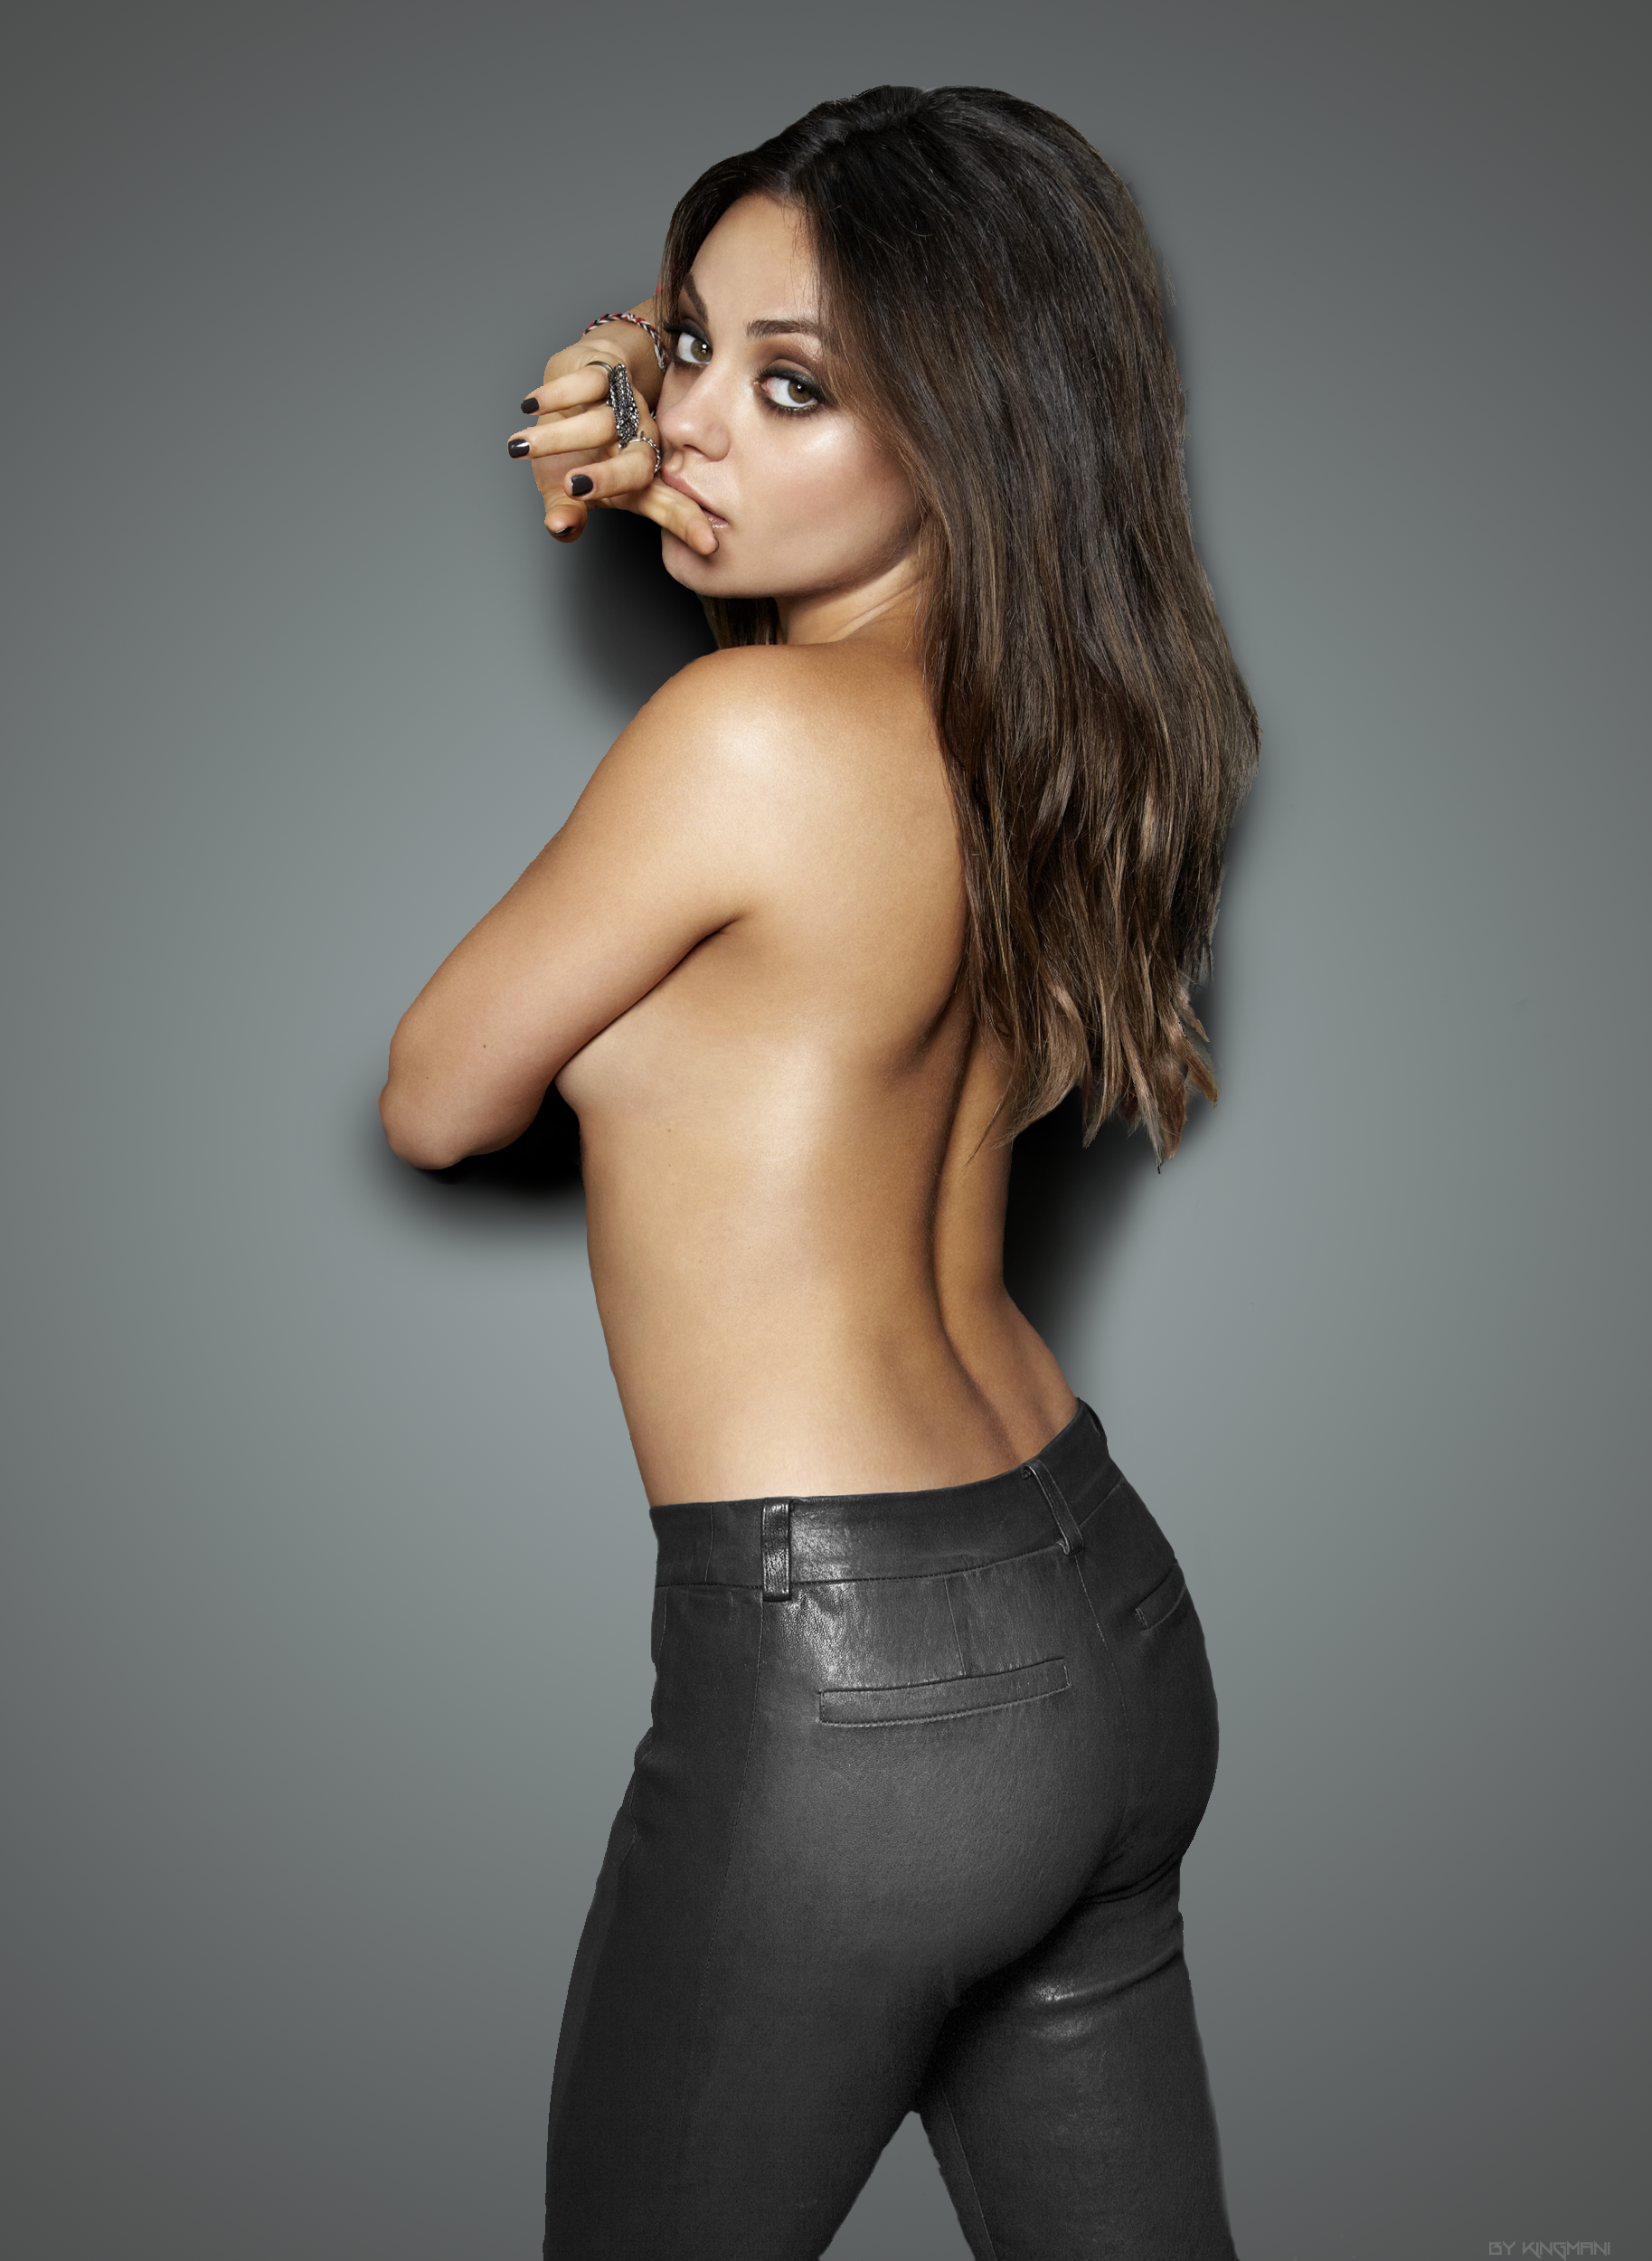 10 Wanita paling hot Di Dunia Mila Kunis sexy